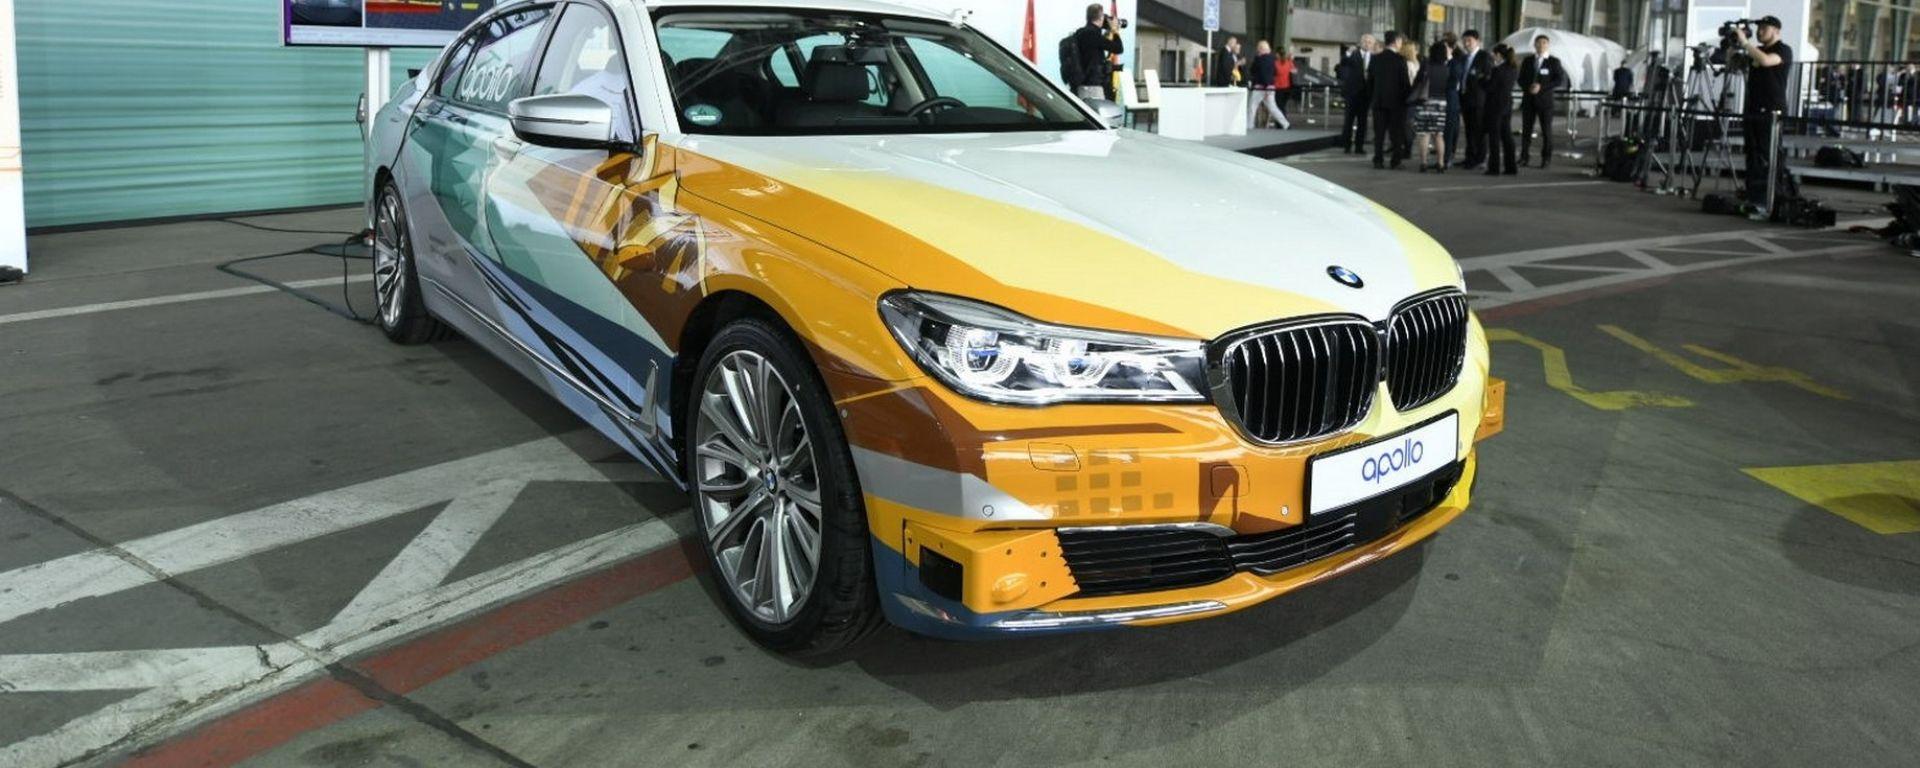 BMW, Apollo 2.0 la piattaforma per la guida autonoma